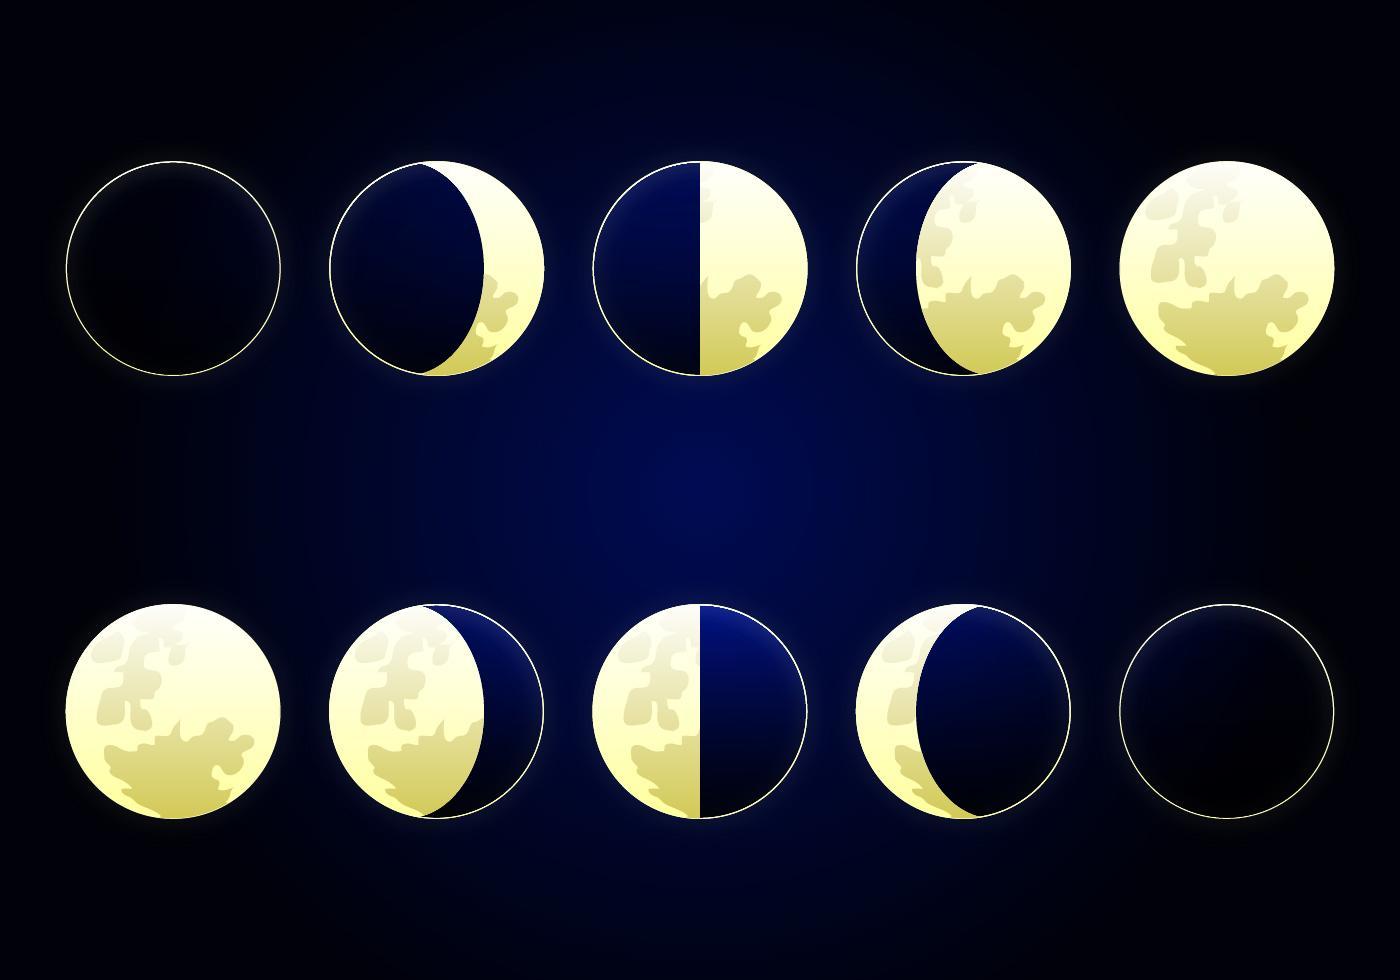 это фото луны в разных фазах самые шокирующие